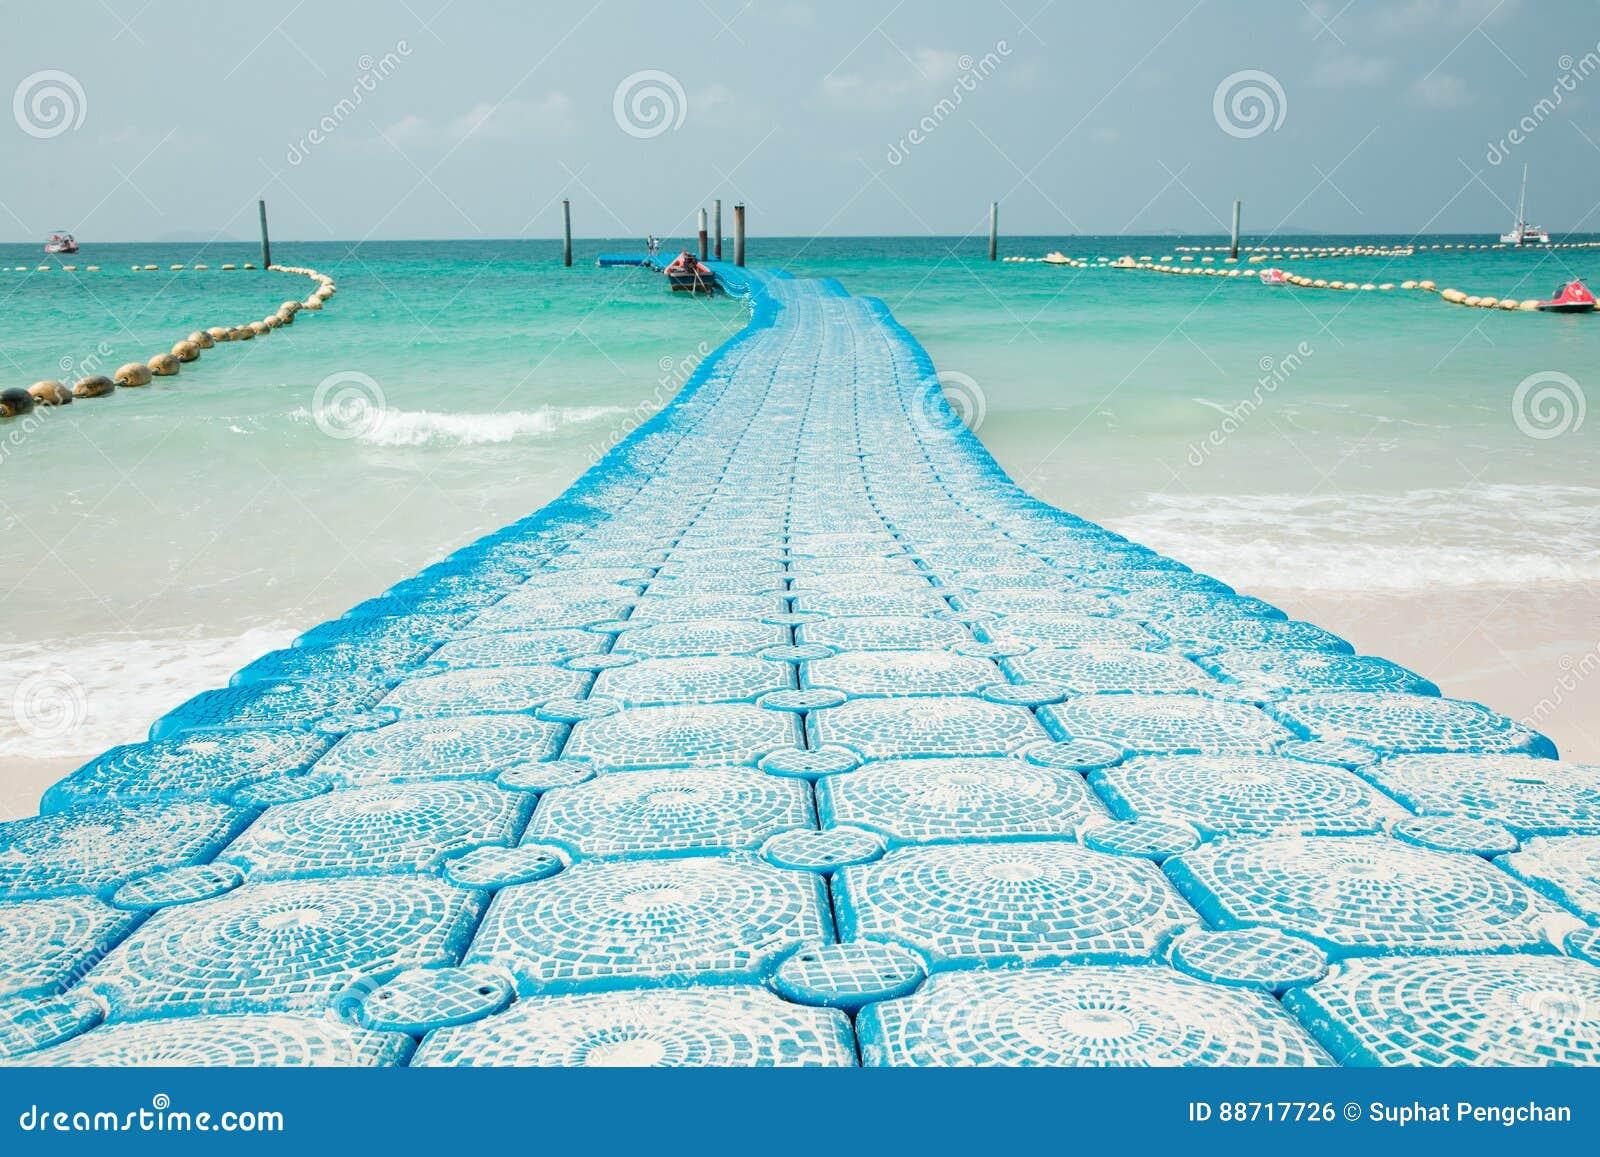 Blaue Seeboje gekennzeichnet für das Festmachen und Abgrenzung von sicheren Booten